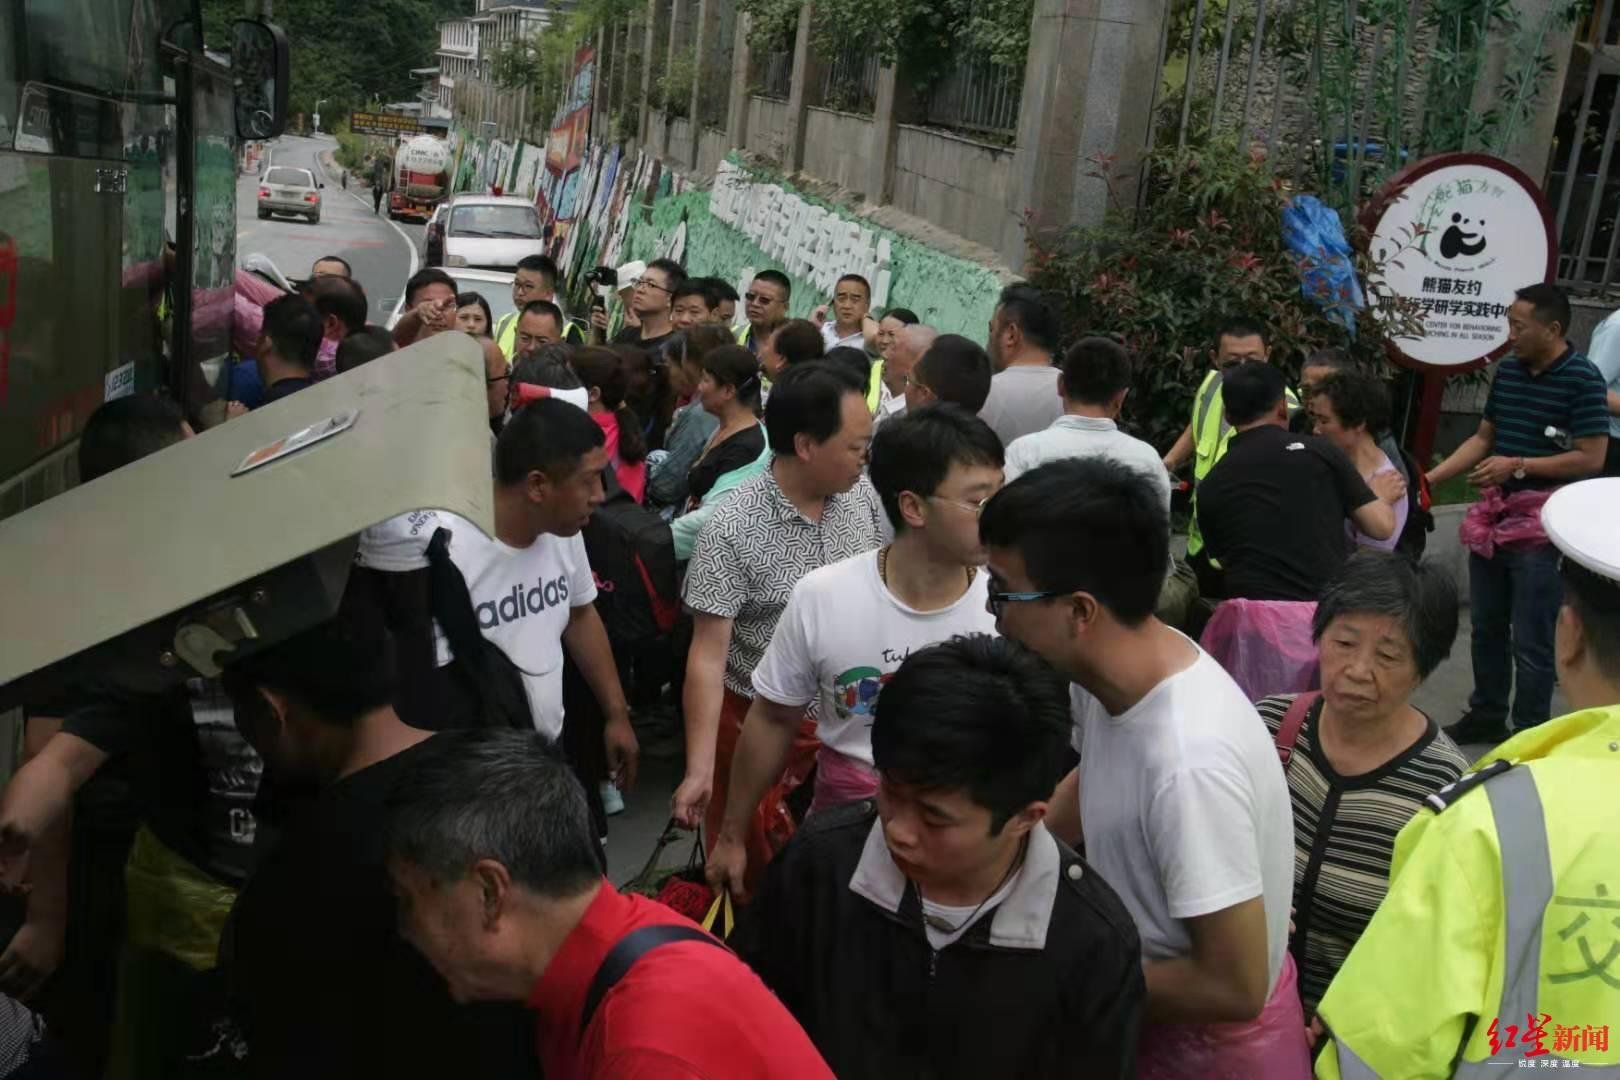 http://www.dibo-expo.com/yulemingxing/900594.html